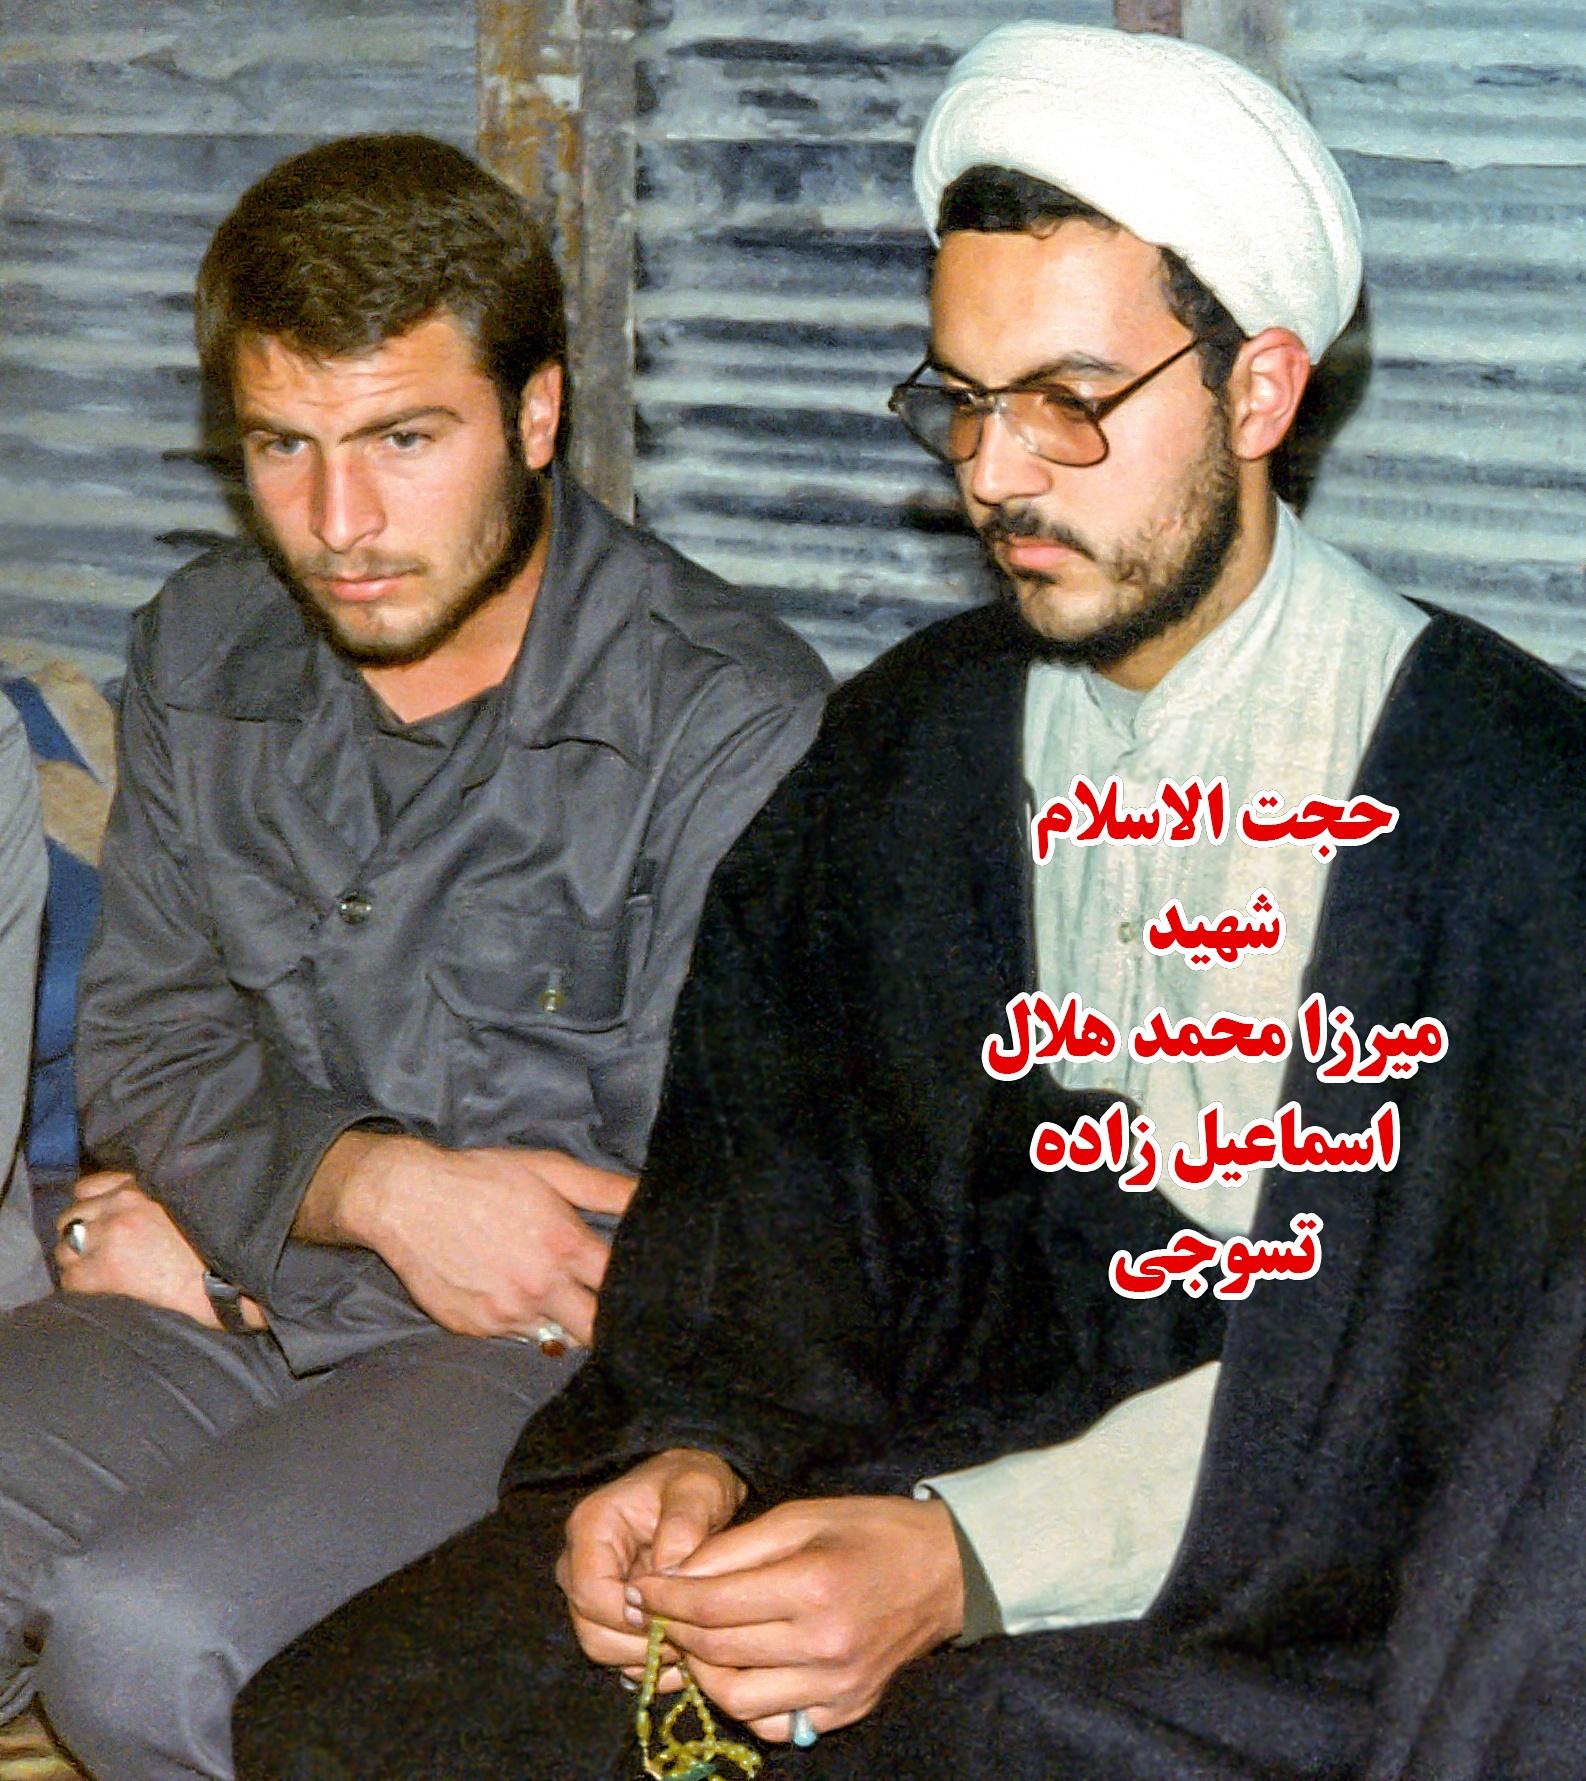 شهید محمد هلال اسماعیل زاده تسوجی